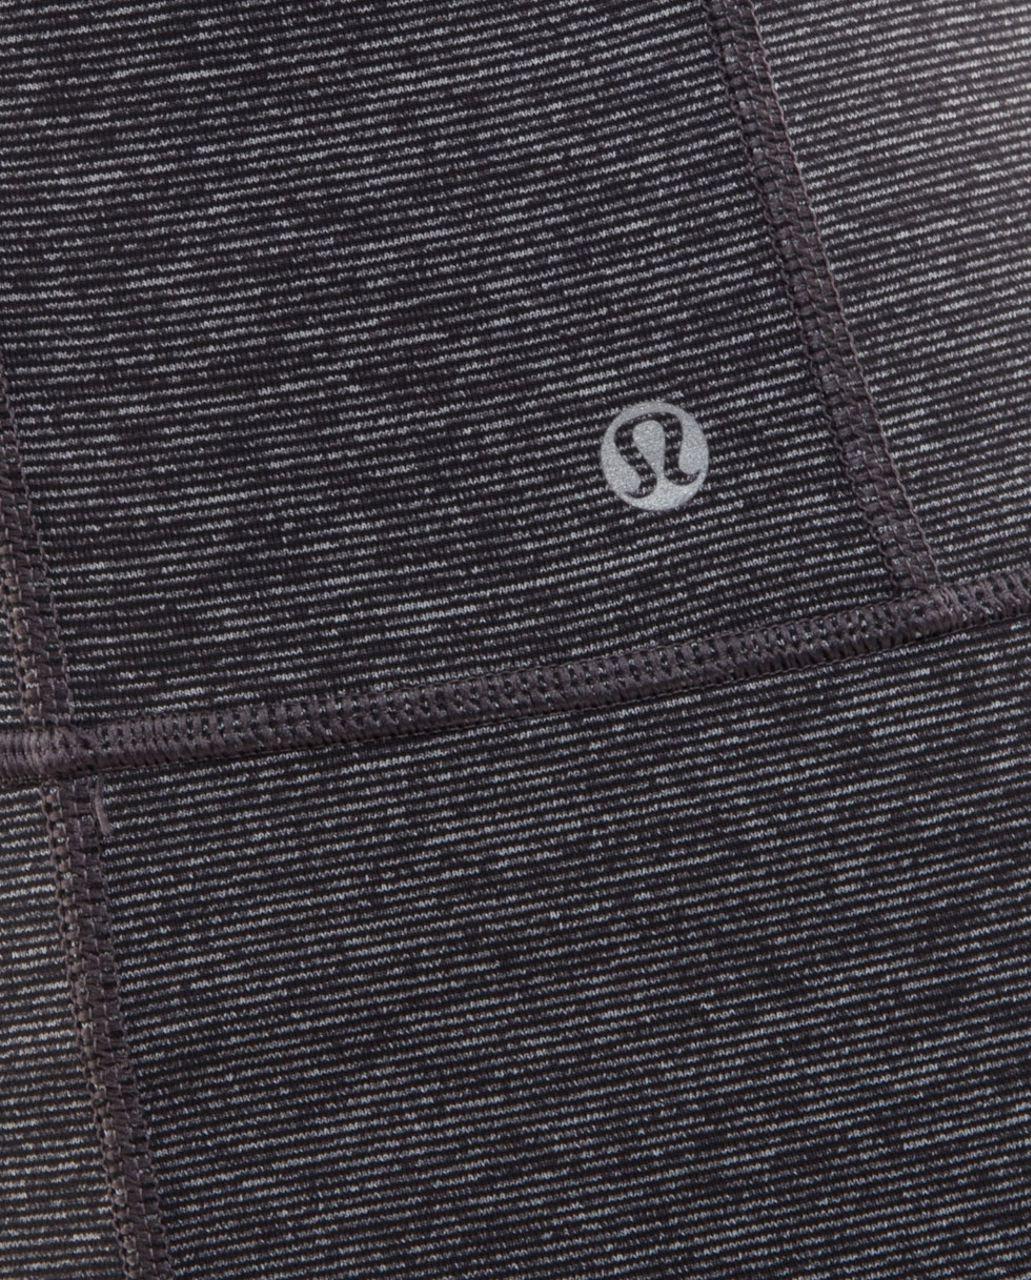 Lululemon In Stride Jacket - Coal Wee Stripe /  Coal